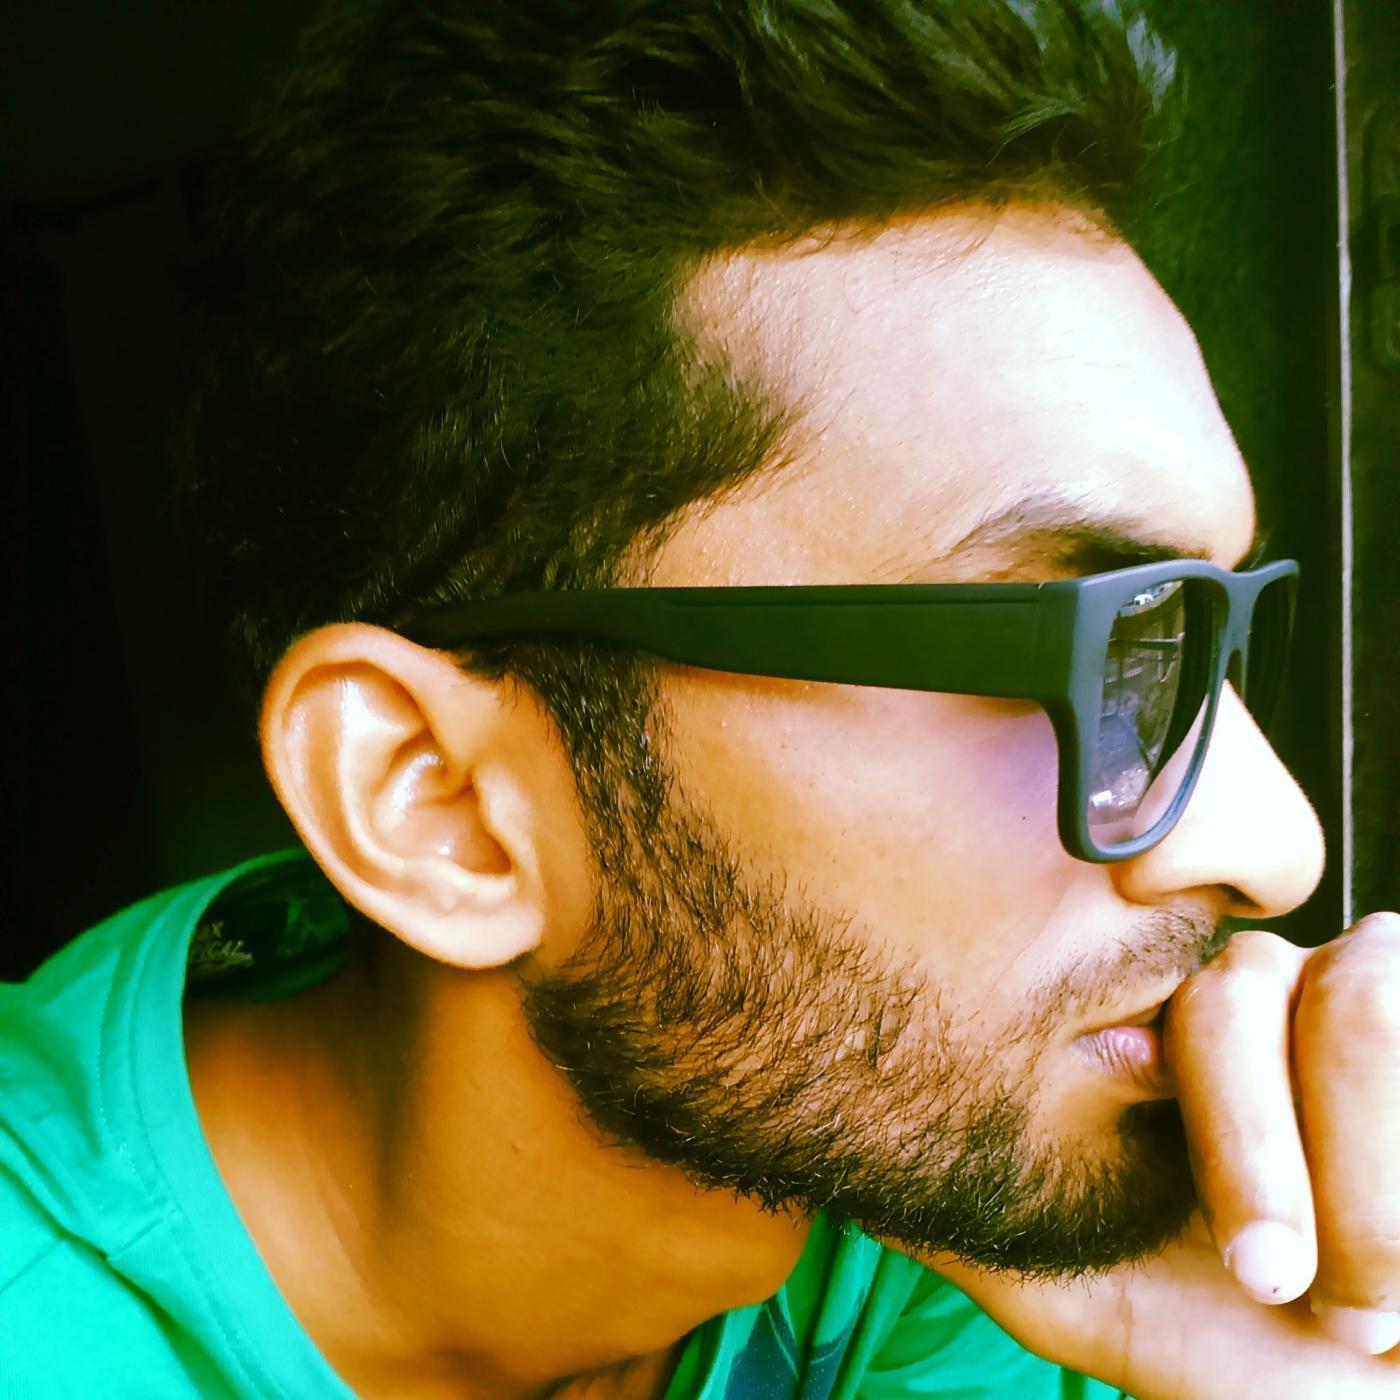 Fahim_Khan